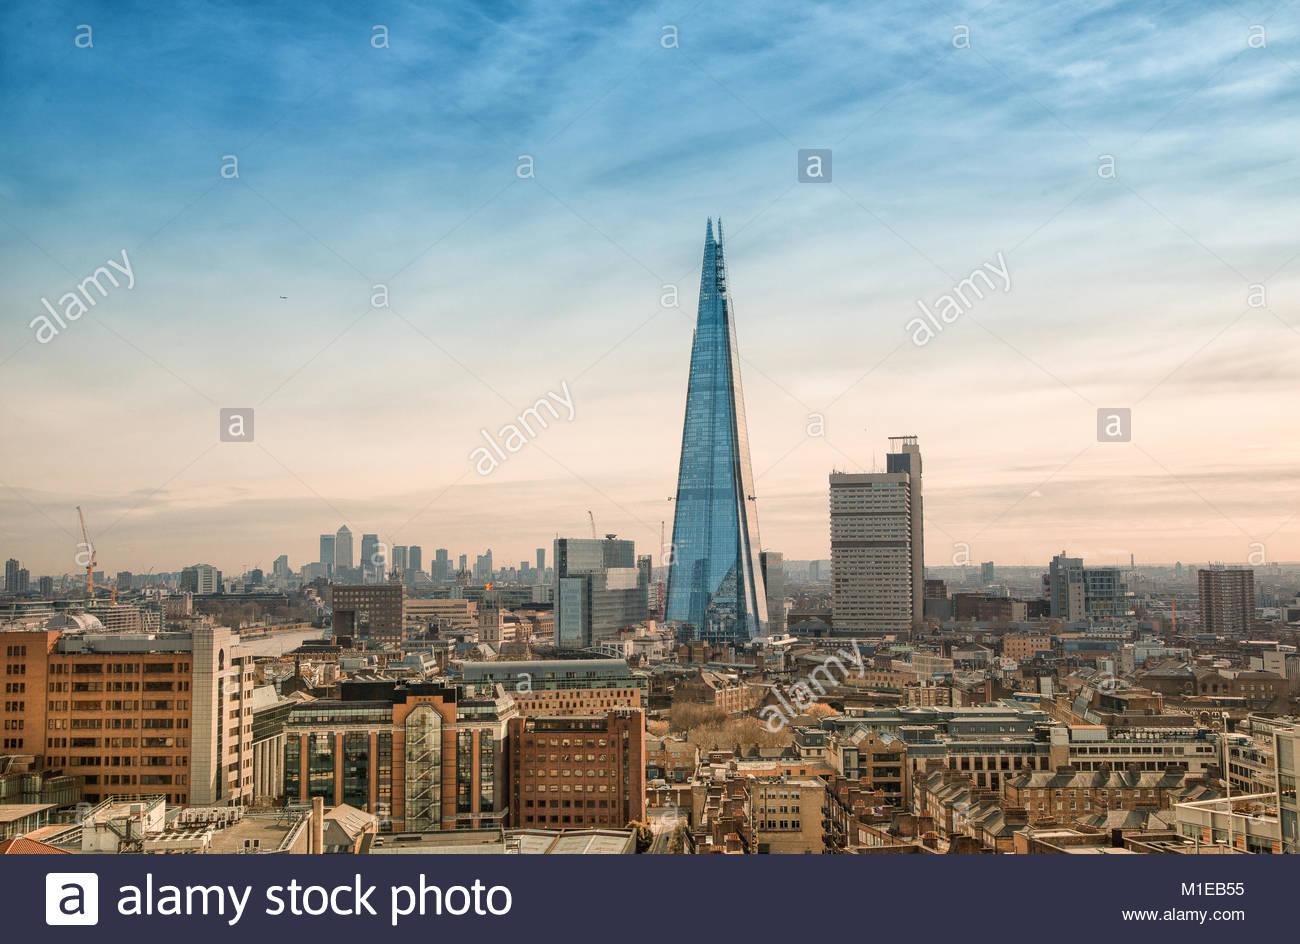 The Shard / Shard London Bridge / Shard of Glass, ein Wolkenkratzer in Londons Stadtteil Southwark mit einer Hoehe - Stock Image